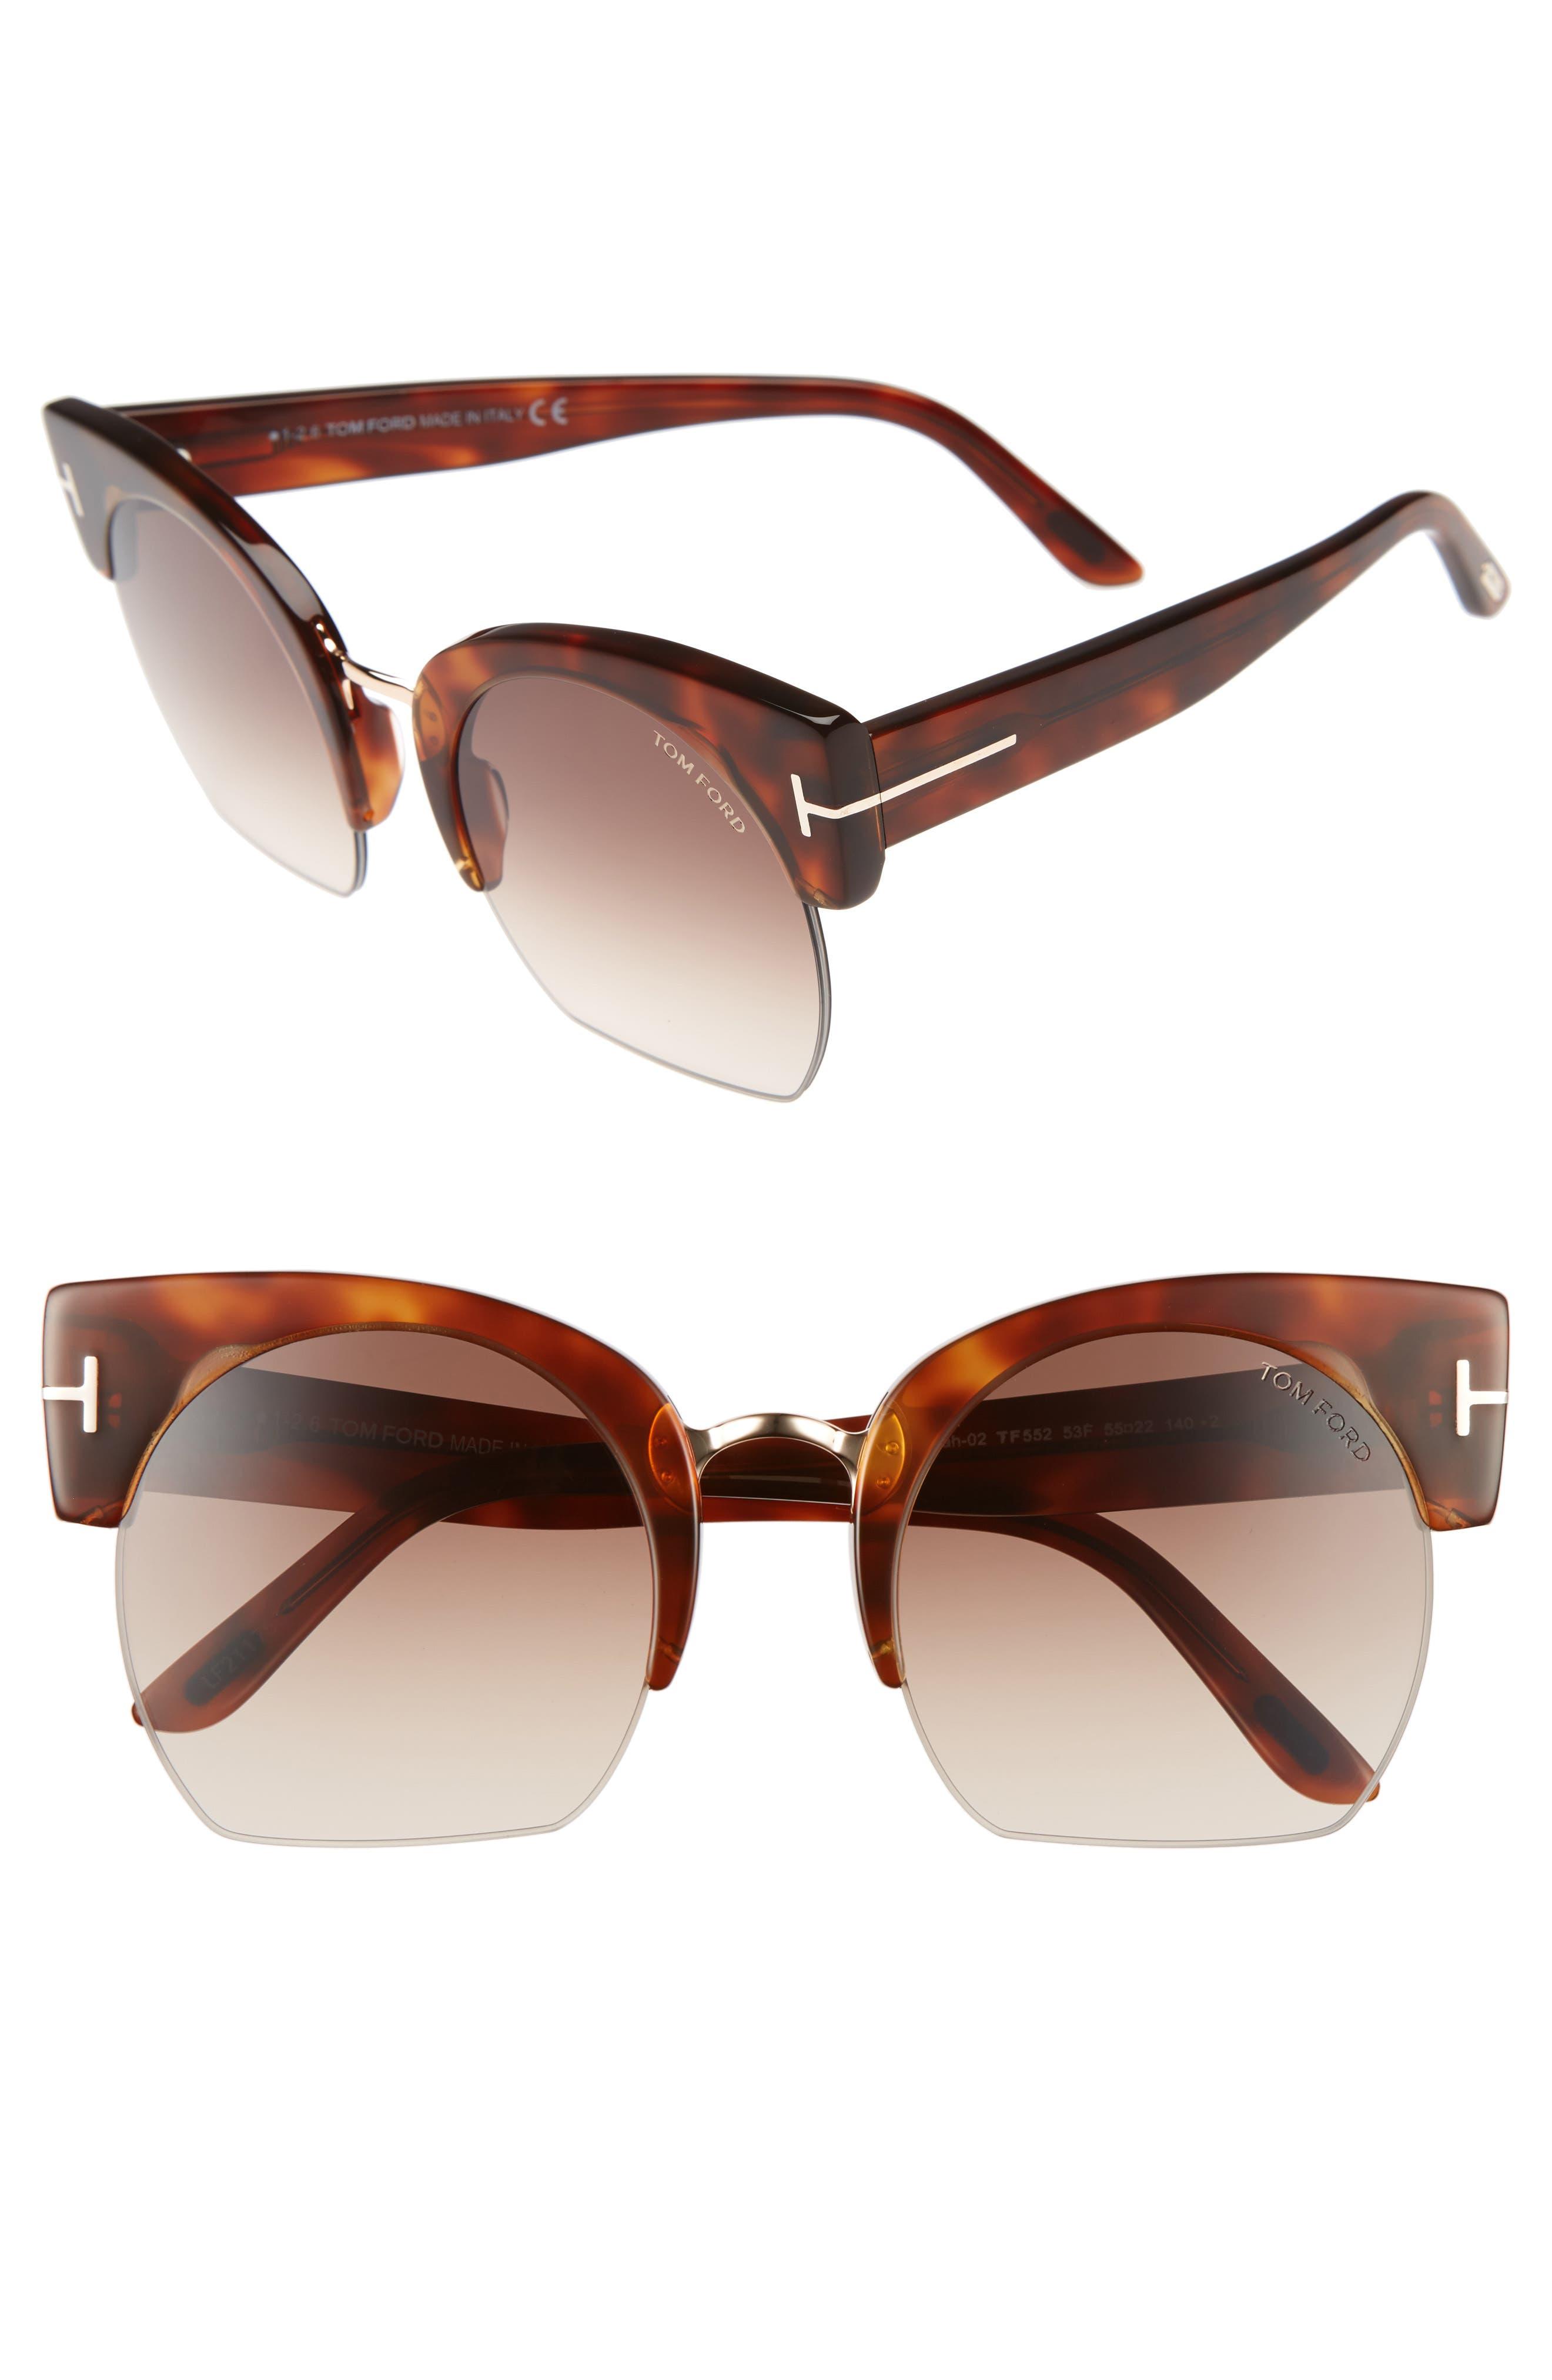 Tom Ford Savannah 55mm Cat Eye Sunglasses